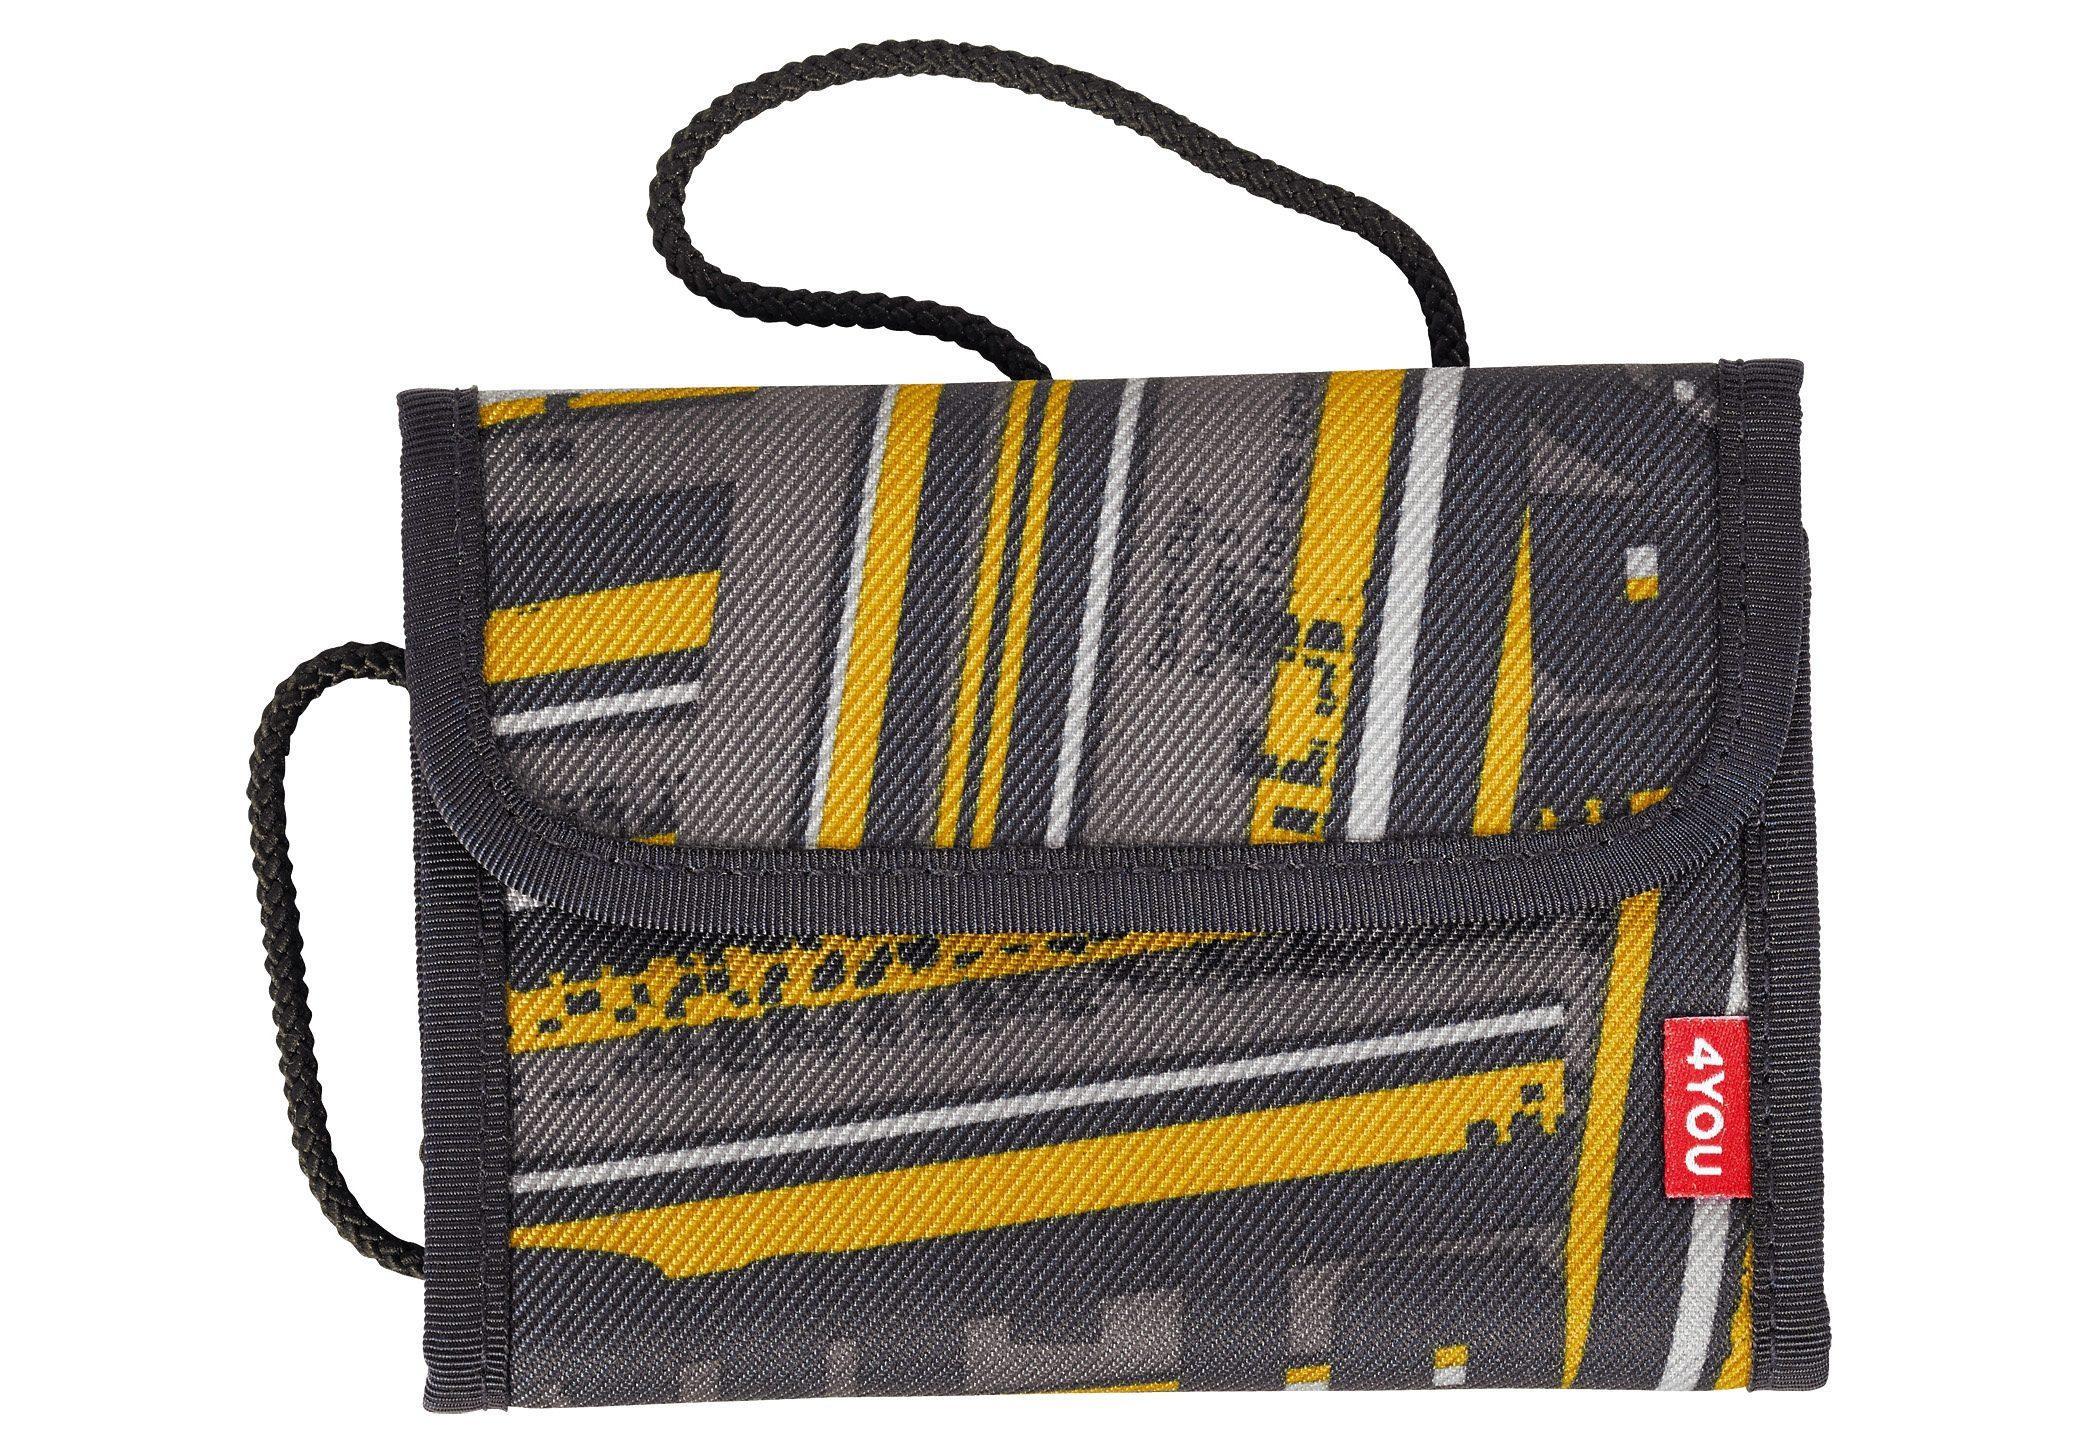 4YOU 2-in-1 - Geldbörse und Brustbeutel, Stripes, »Money Bag«